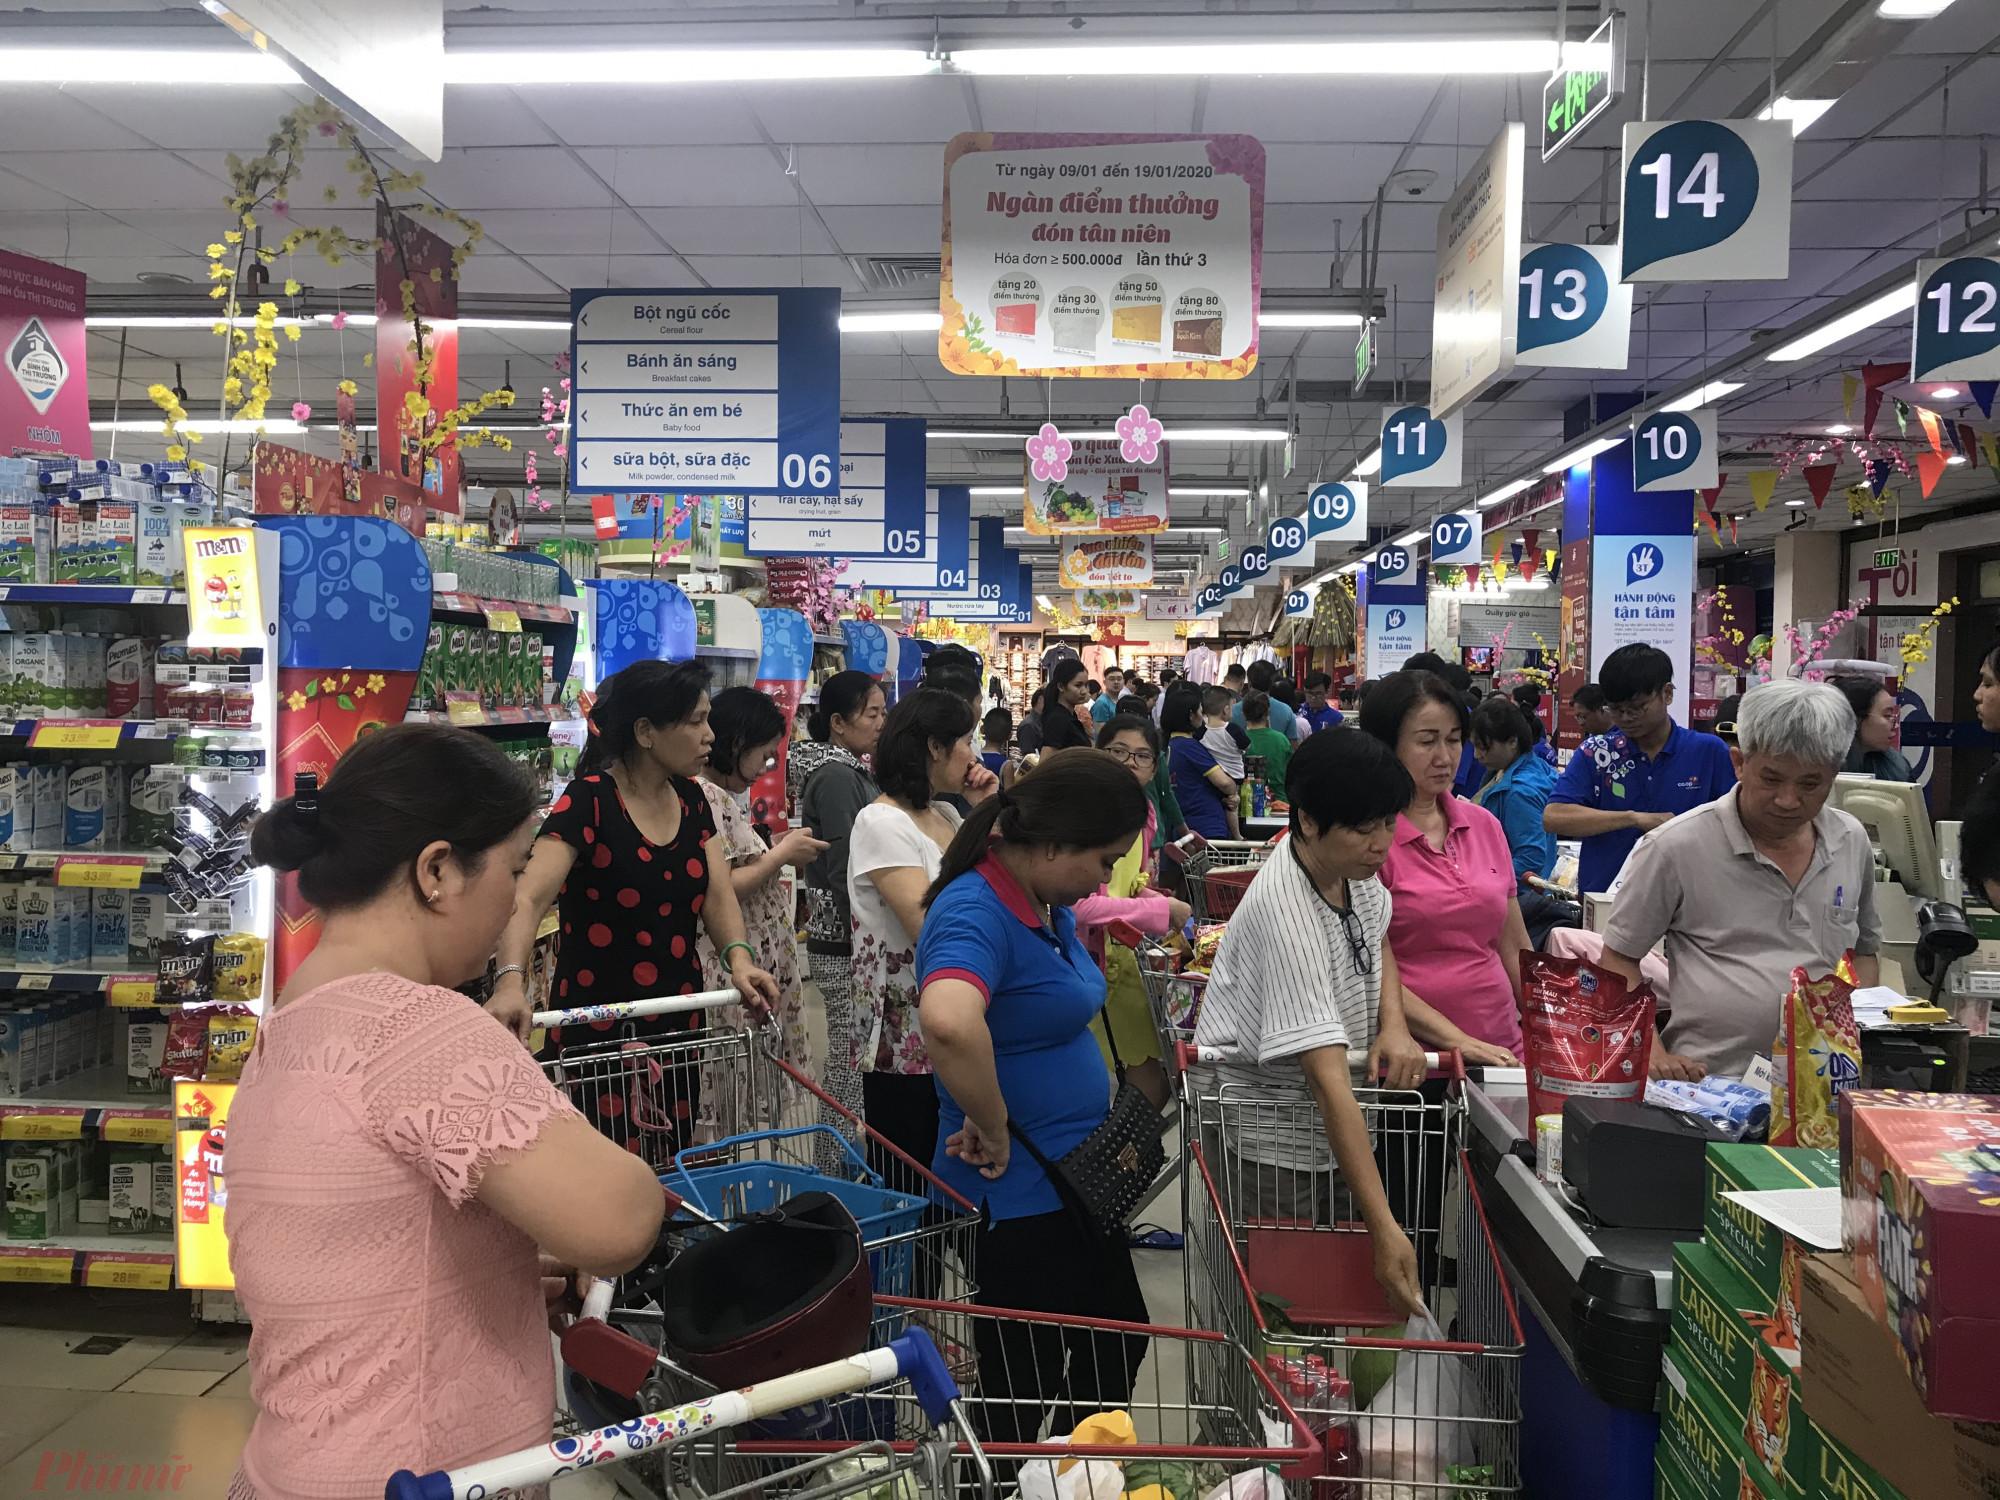 Mở khuya hơn hệ thống Co.op Mart phục vụ khách từ 6h sáng đến 24h theo ghi nhận của phóng viên rất khuya nhưng lượng khách tính tiền tại Co.op Nhiêu Lộc